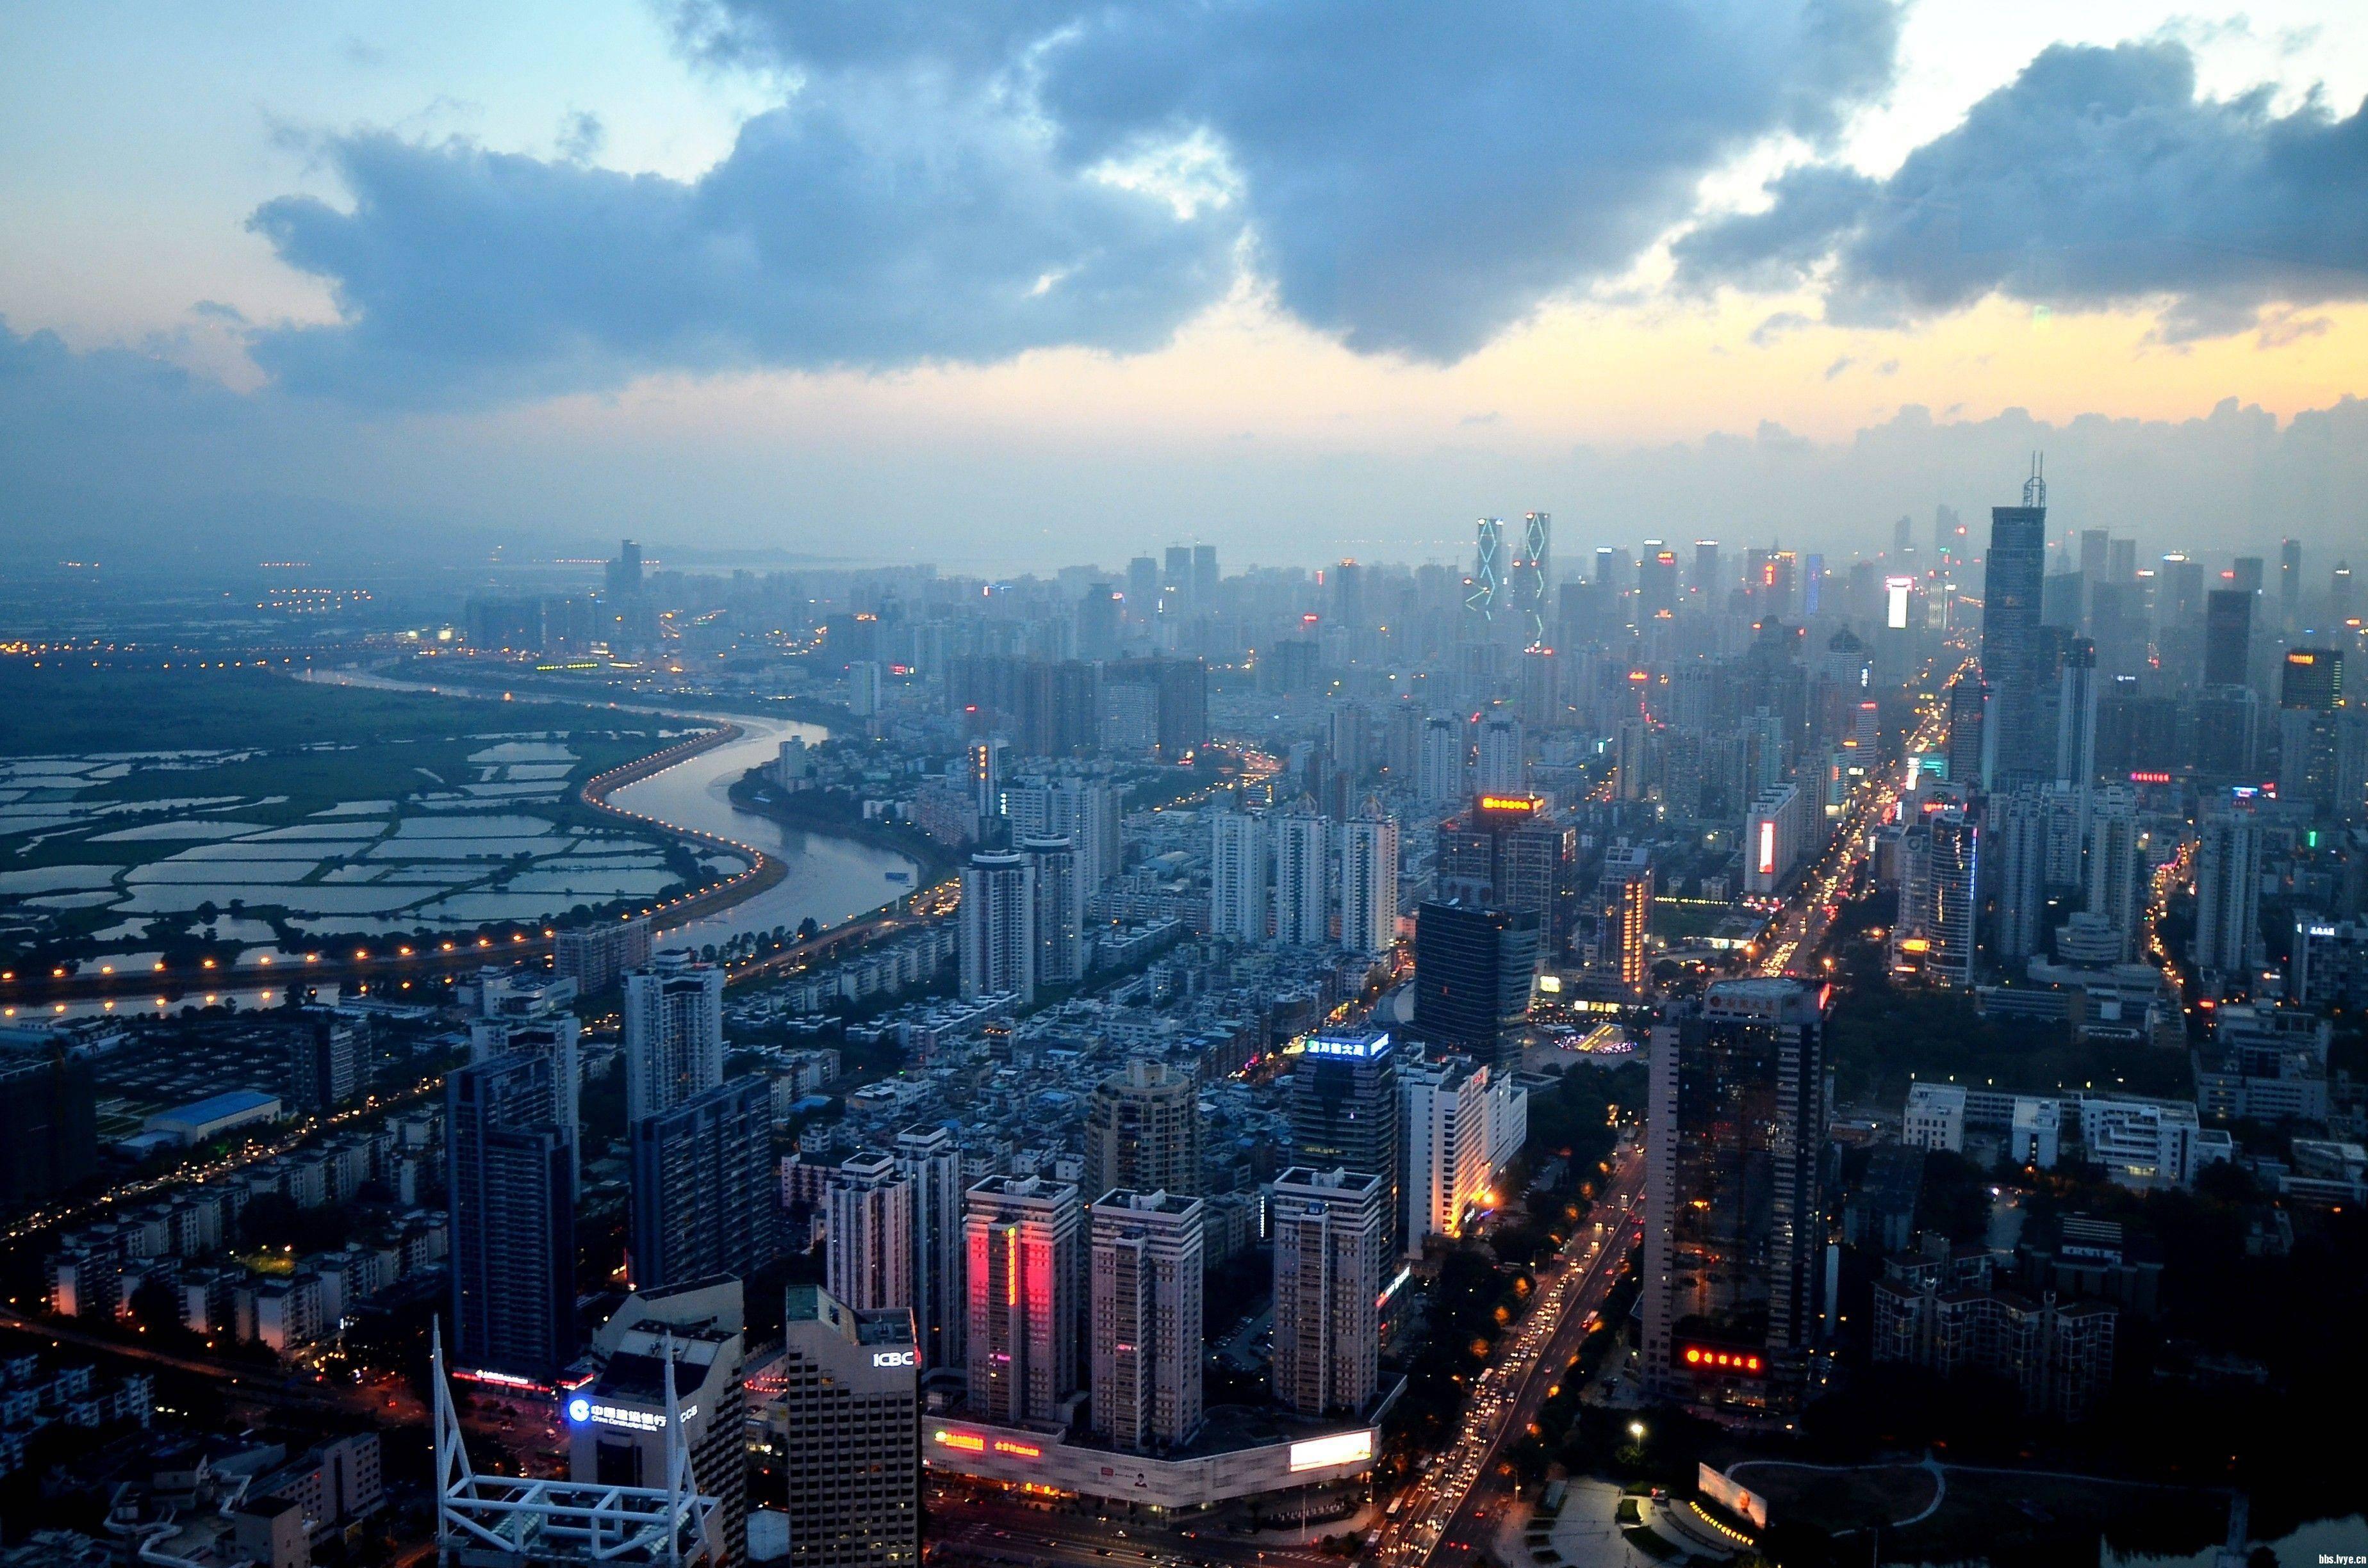 深圳房价去年上涨最快,专家:今年深圳楼市调控将趋严,房价上涨动力趋弱